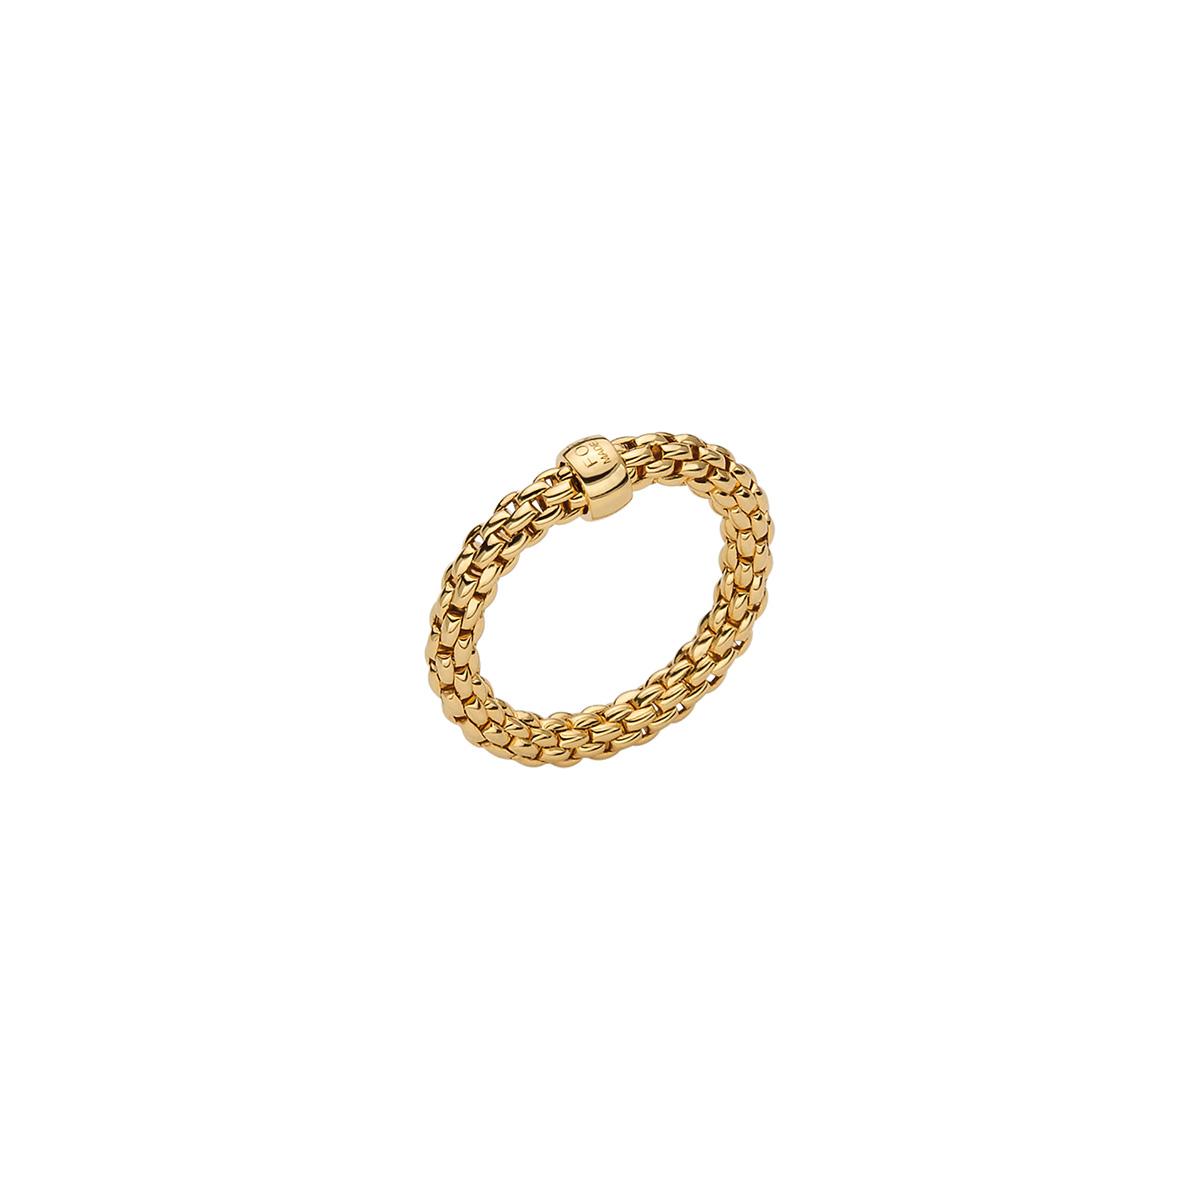 Ring von Fope aus 18 Karat Gelbgold